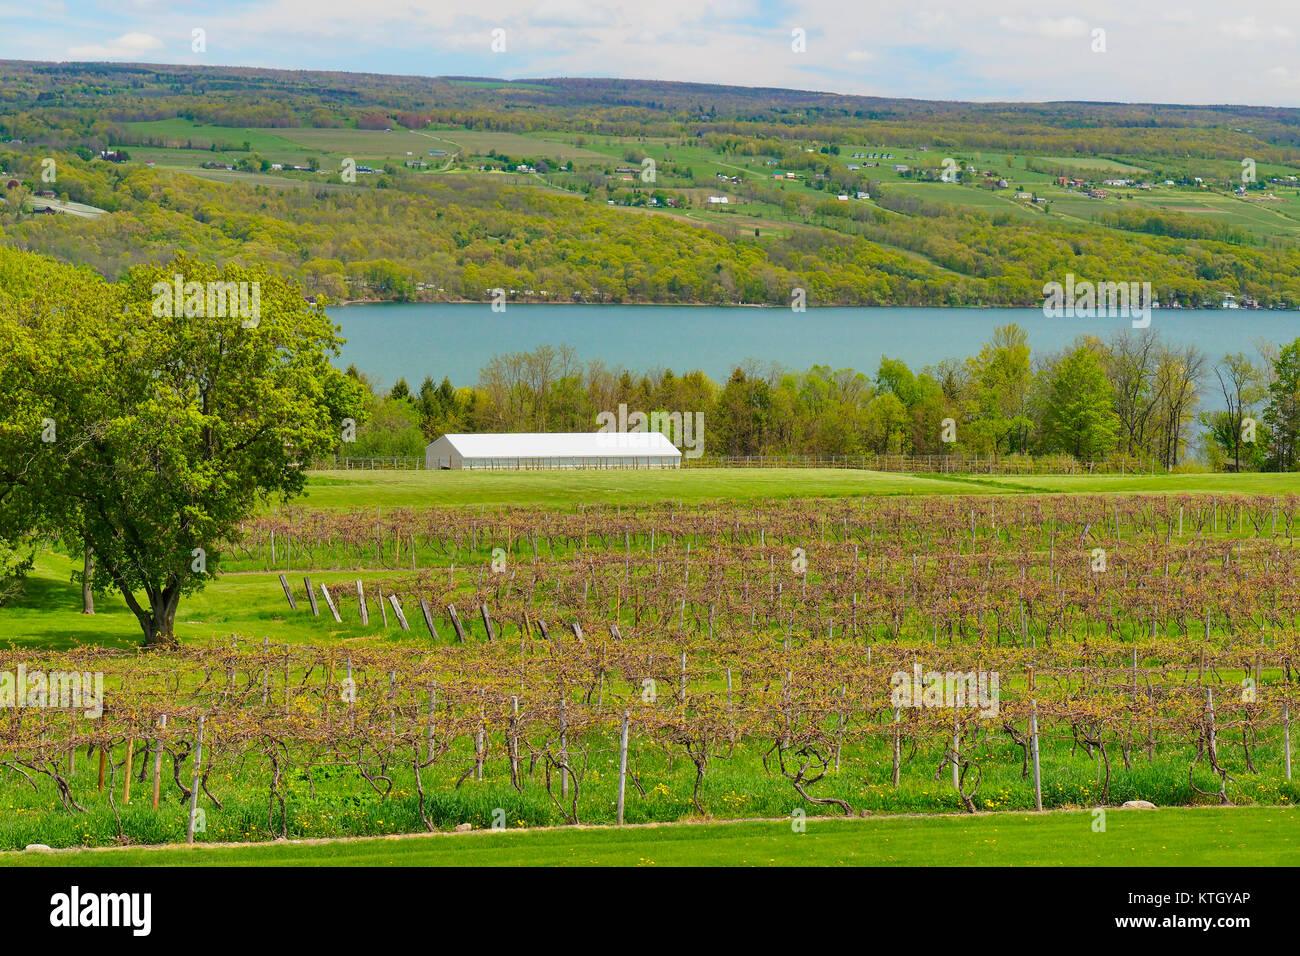 Glenora Wine Cellars Finger Lakes Dundee New York USA  sc 1 st  Alamy & Glenora Wine Cellars Finger Lakes Dundee New York USA Stock ...